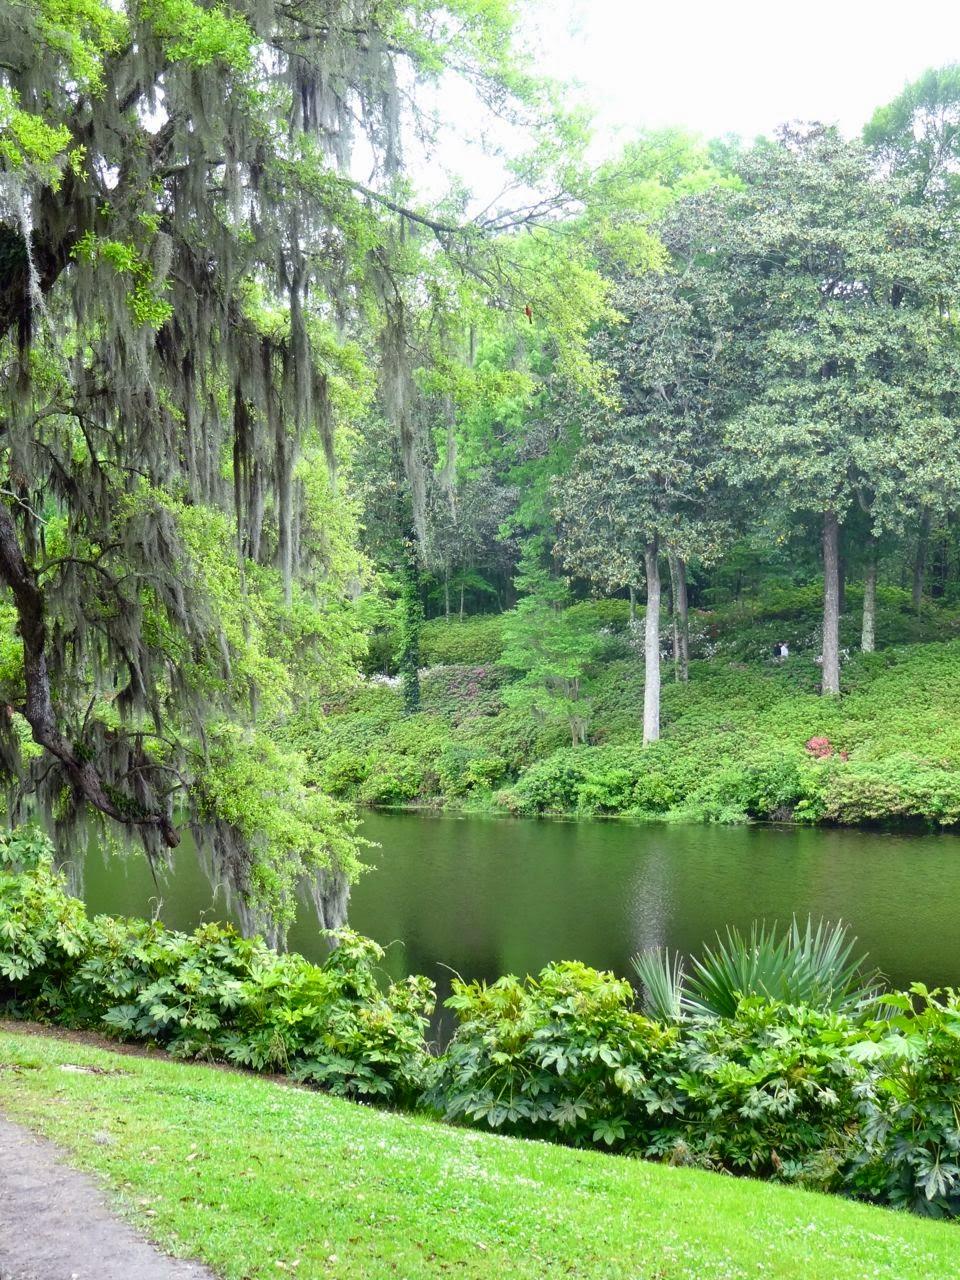 Amazing Middleton Place U0026 Gardens: A National Landmark